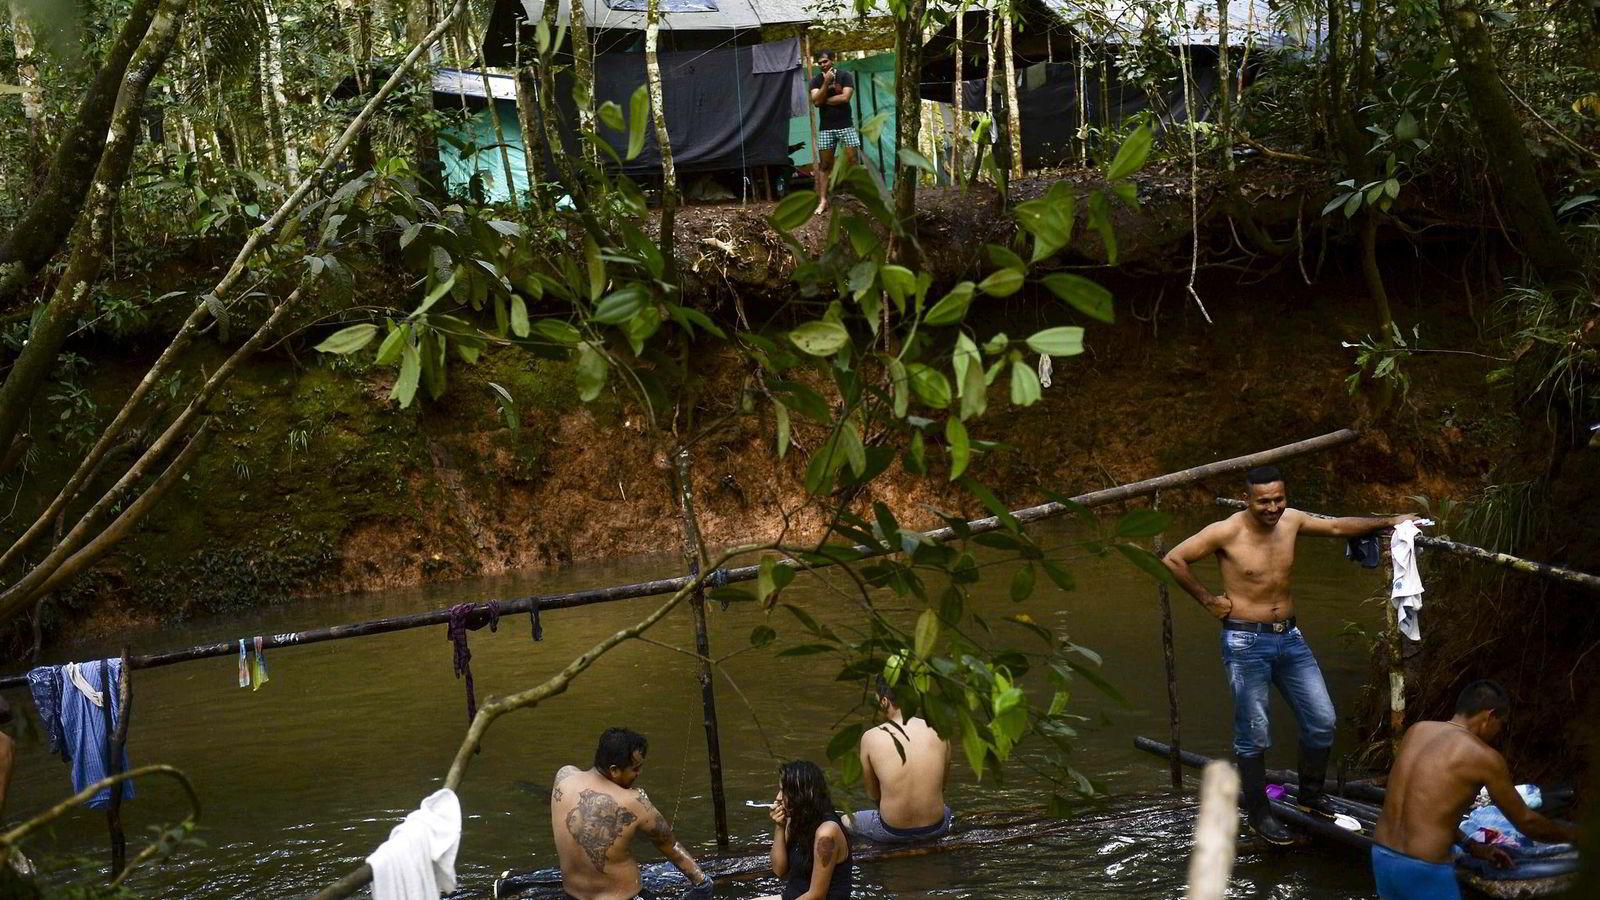 Etter 50 års væpnet opprør ønsker FARC å bli politisk parti. Her en gruppe FARC-medlemmer i leiren El Diamante i Colombia. Foto: Raul Arboleda/AFP/NTB Scanpix